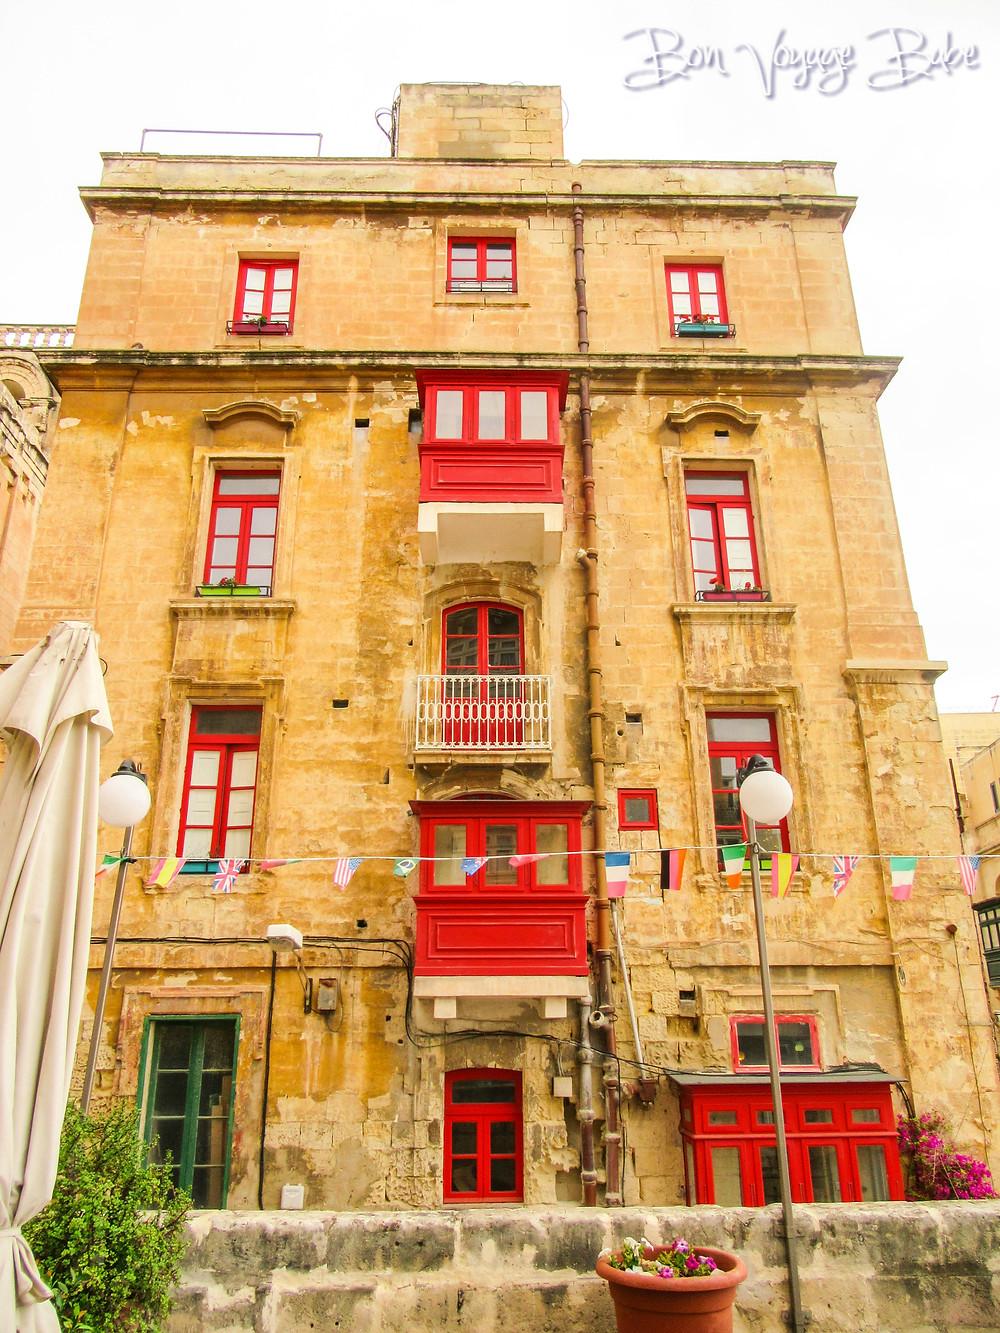 Valletta Malta Architecture and Design